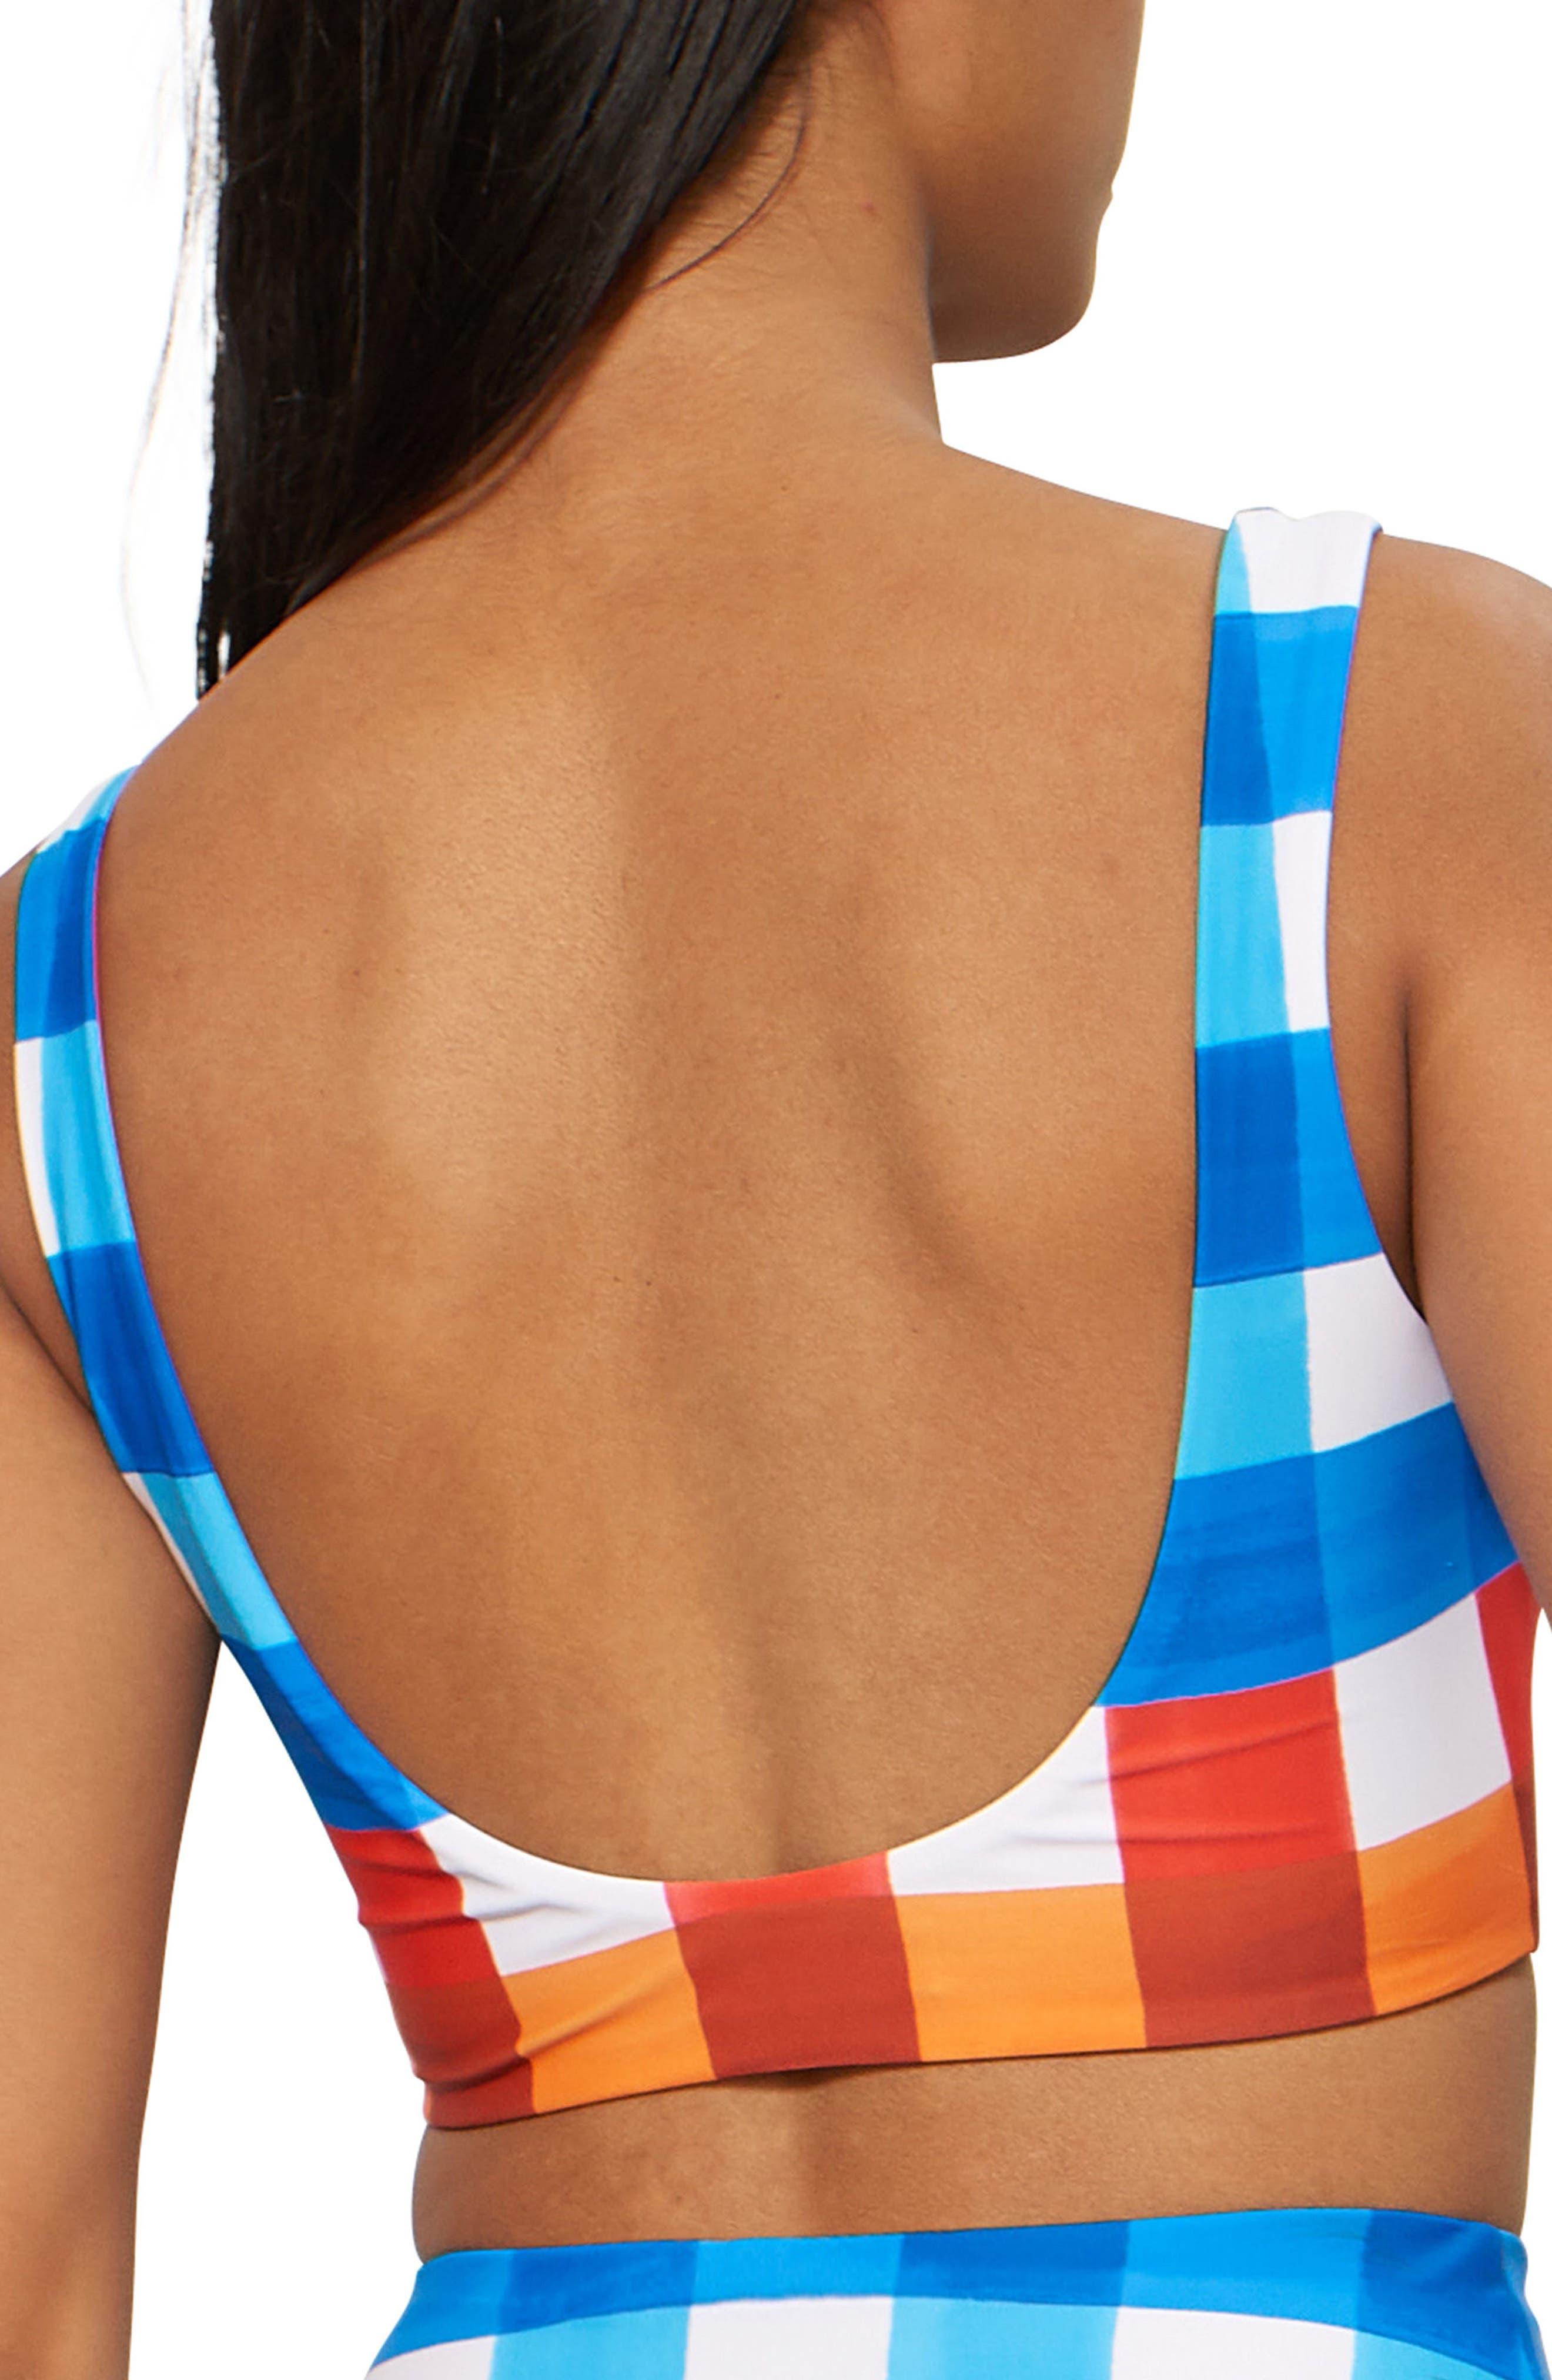 Lira Check Bikini Top,                             Alternate thumbnail 2, color,                             RED/ BLUE MULTI